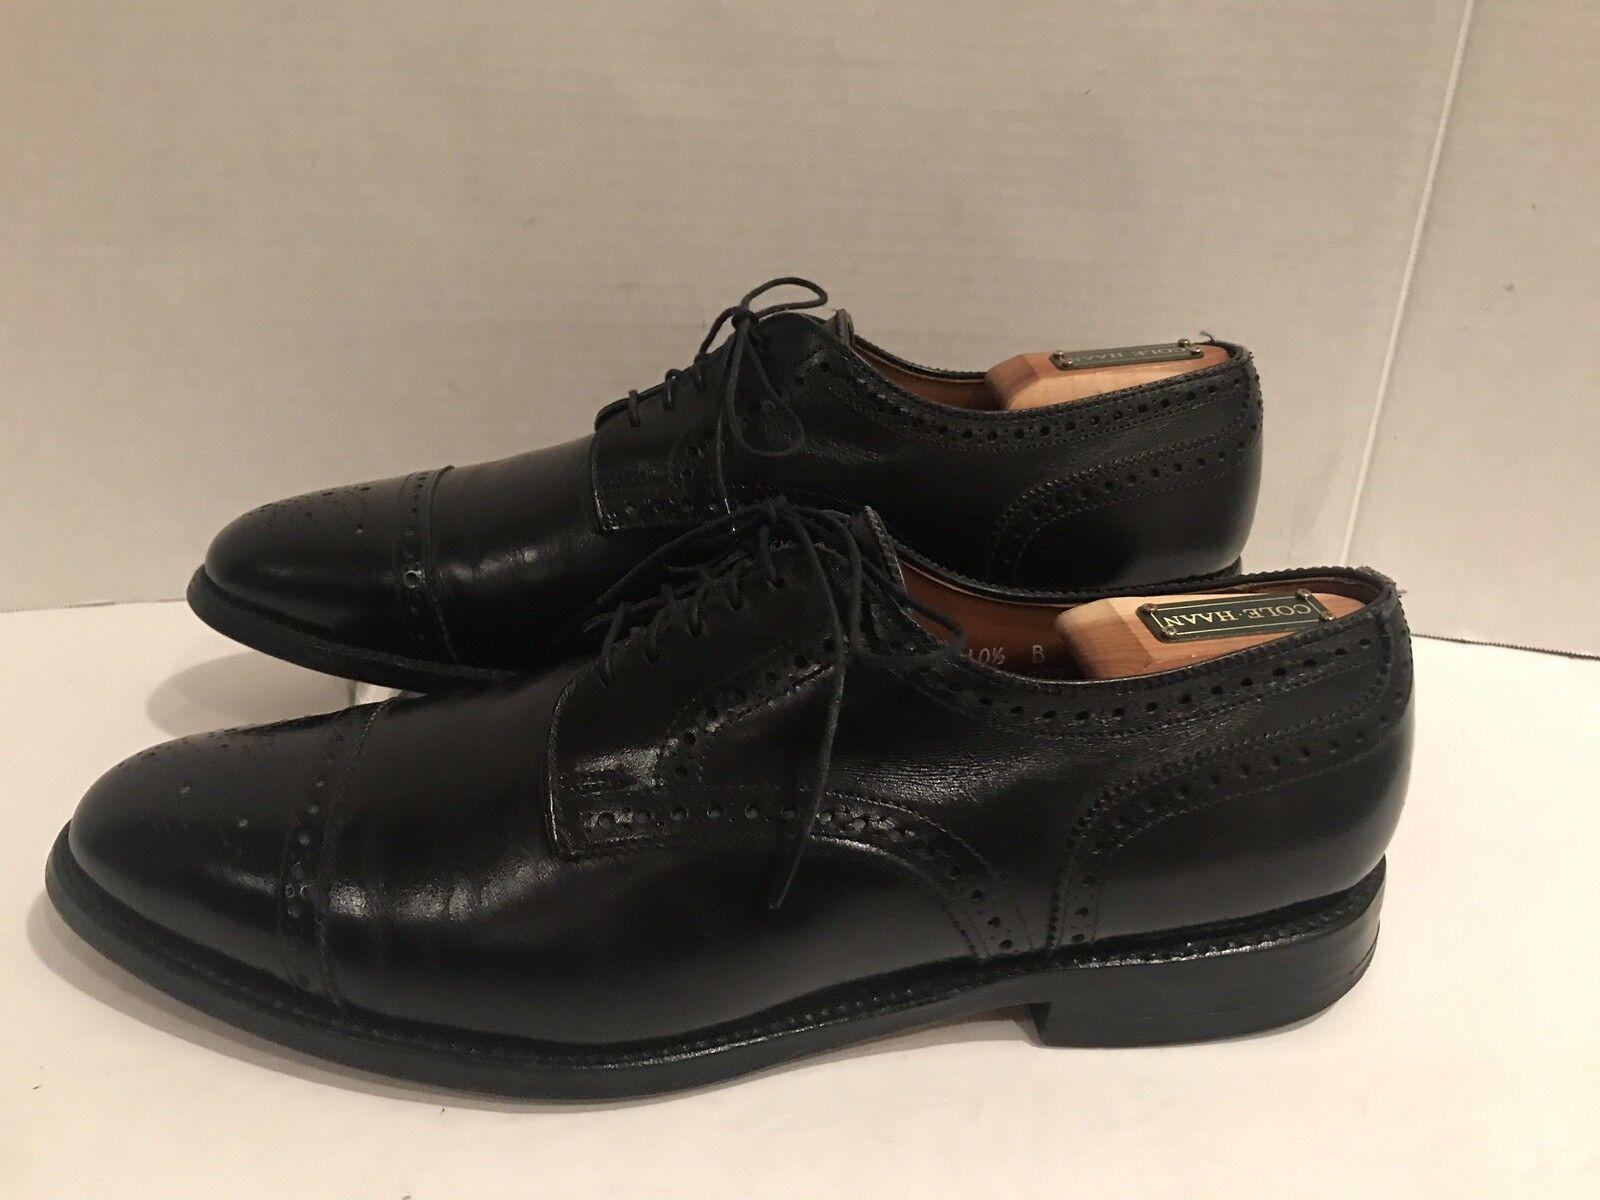 la migliore moda Allen Edmonds Sanford Cap-Toe nero nero nero Dress scarpe Uomo Dimensione 10.5 B  punto vendita